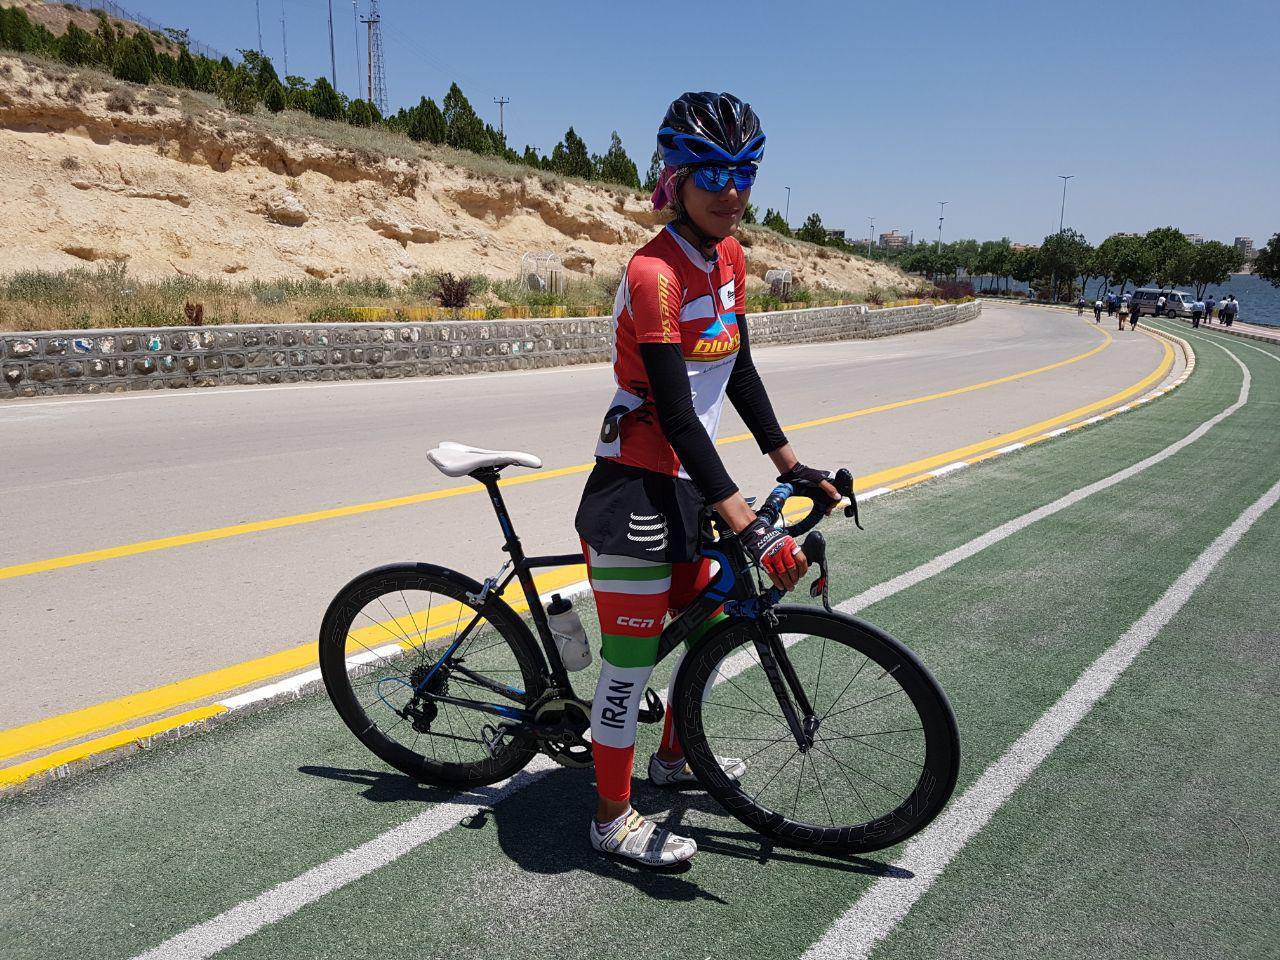 سمیه یزدانی دوچرخه سواری آسمان آبی مشهد سمیه یزدانی رکابزن جادهها در راه تاشکند   فقط طلا میتواند من را راضی کند!